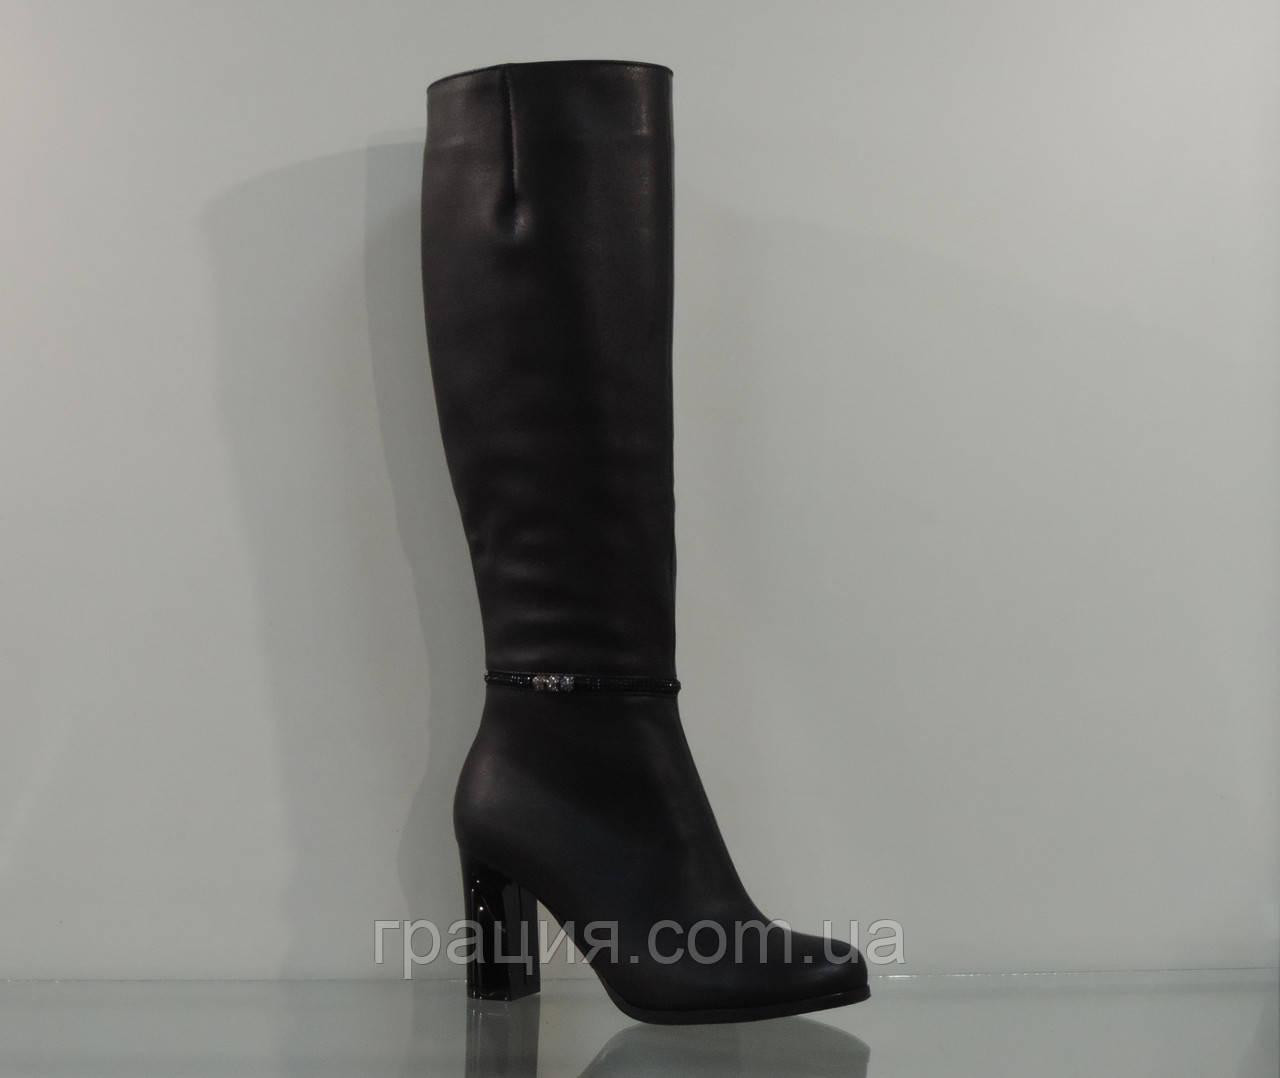 Элегантные сапожки женские демисезонные кожаные на каблуке